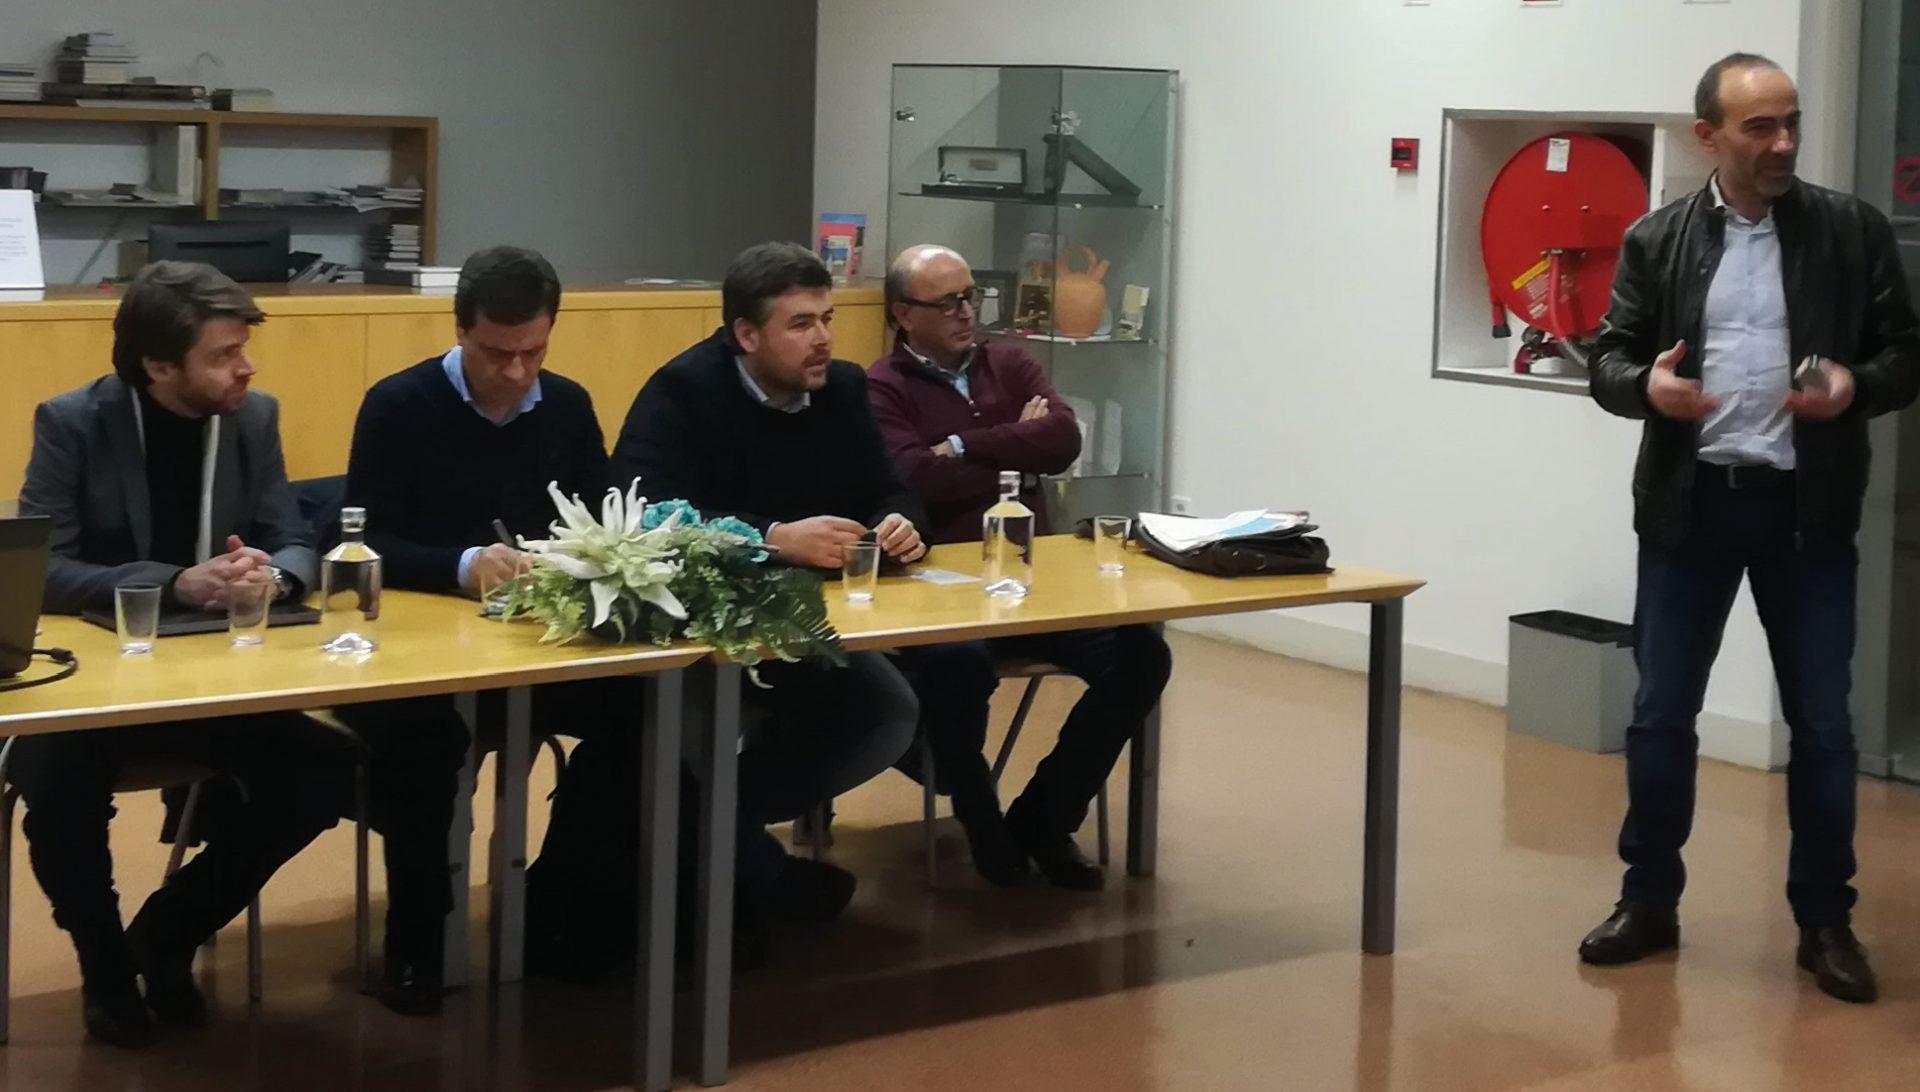 Plataforma Notícias Ordem Engenheiros Região Norte - Houve Engenharia na Sessão Técnica em Braga